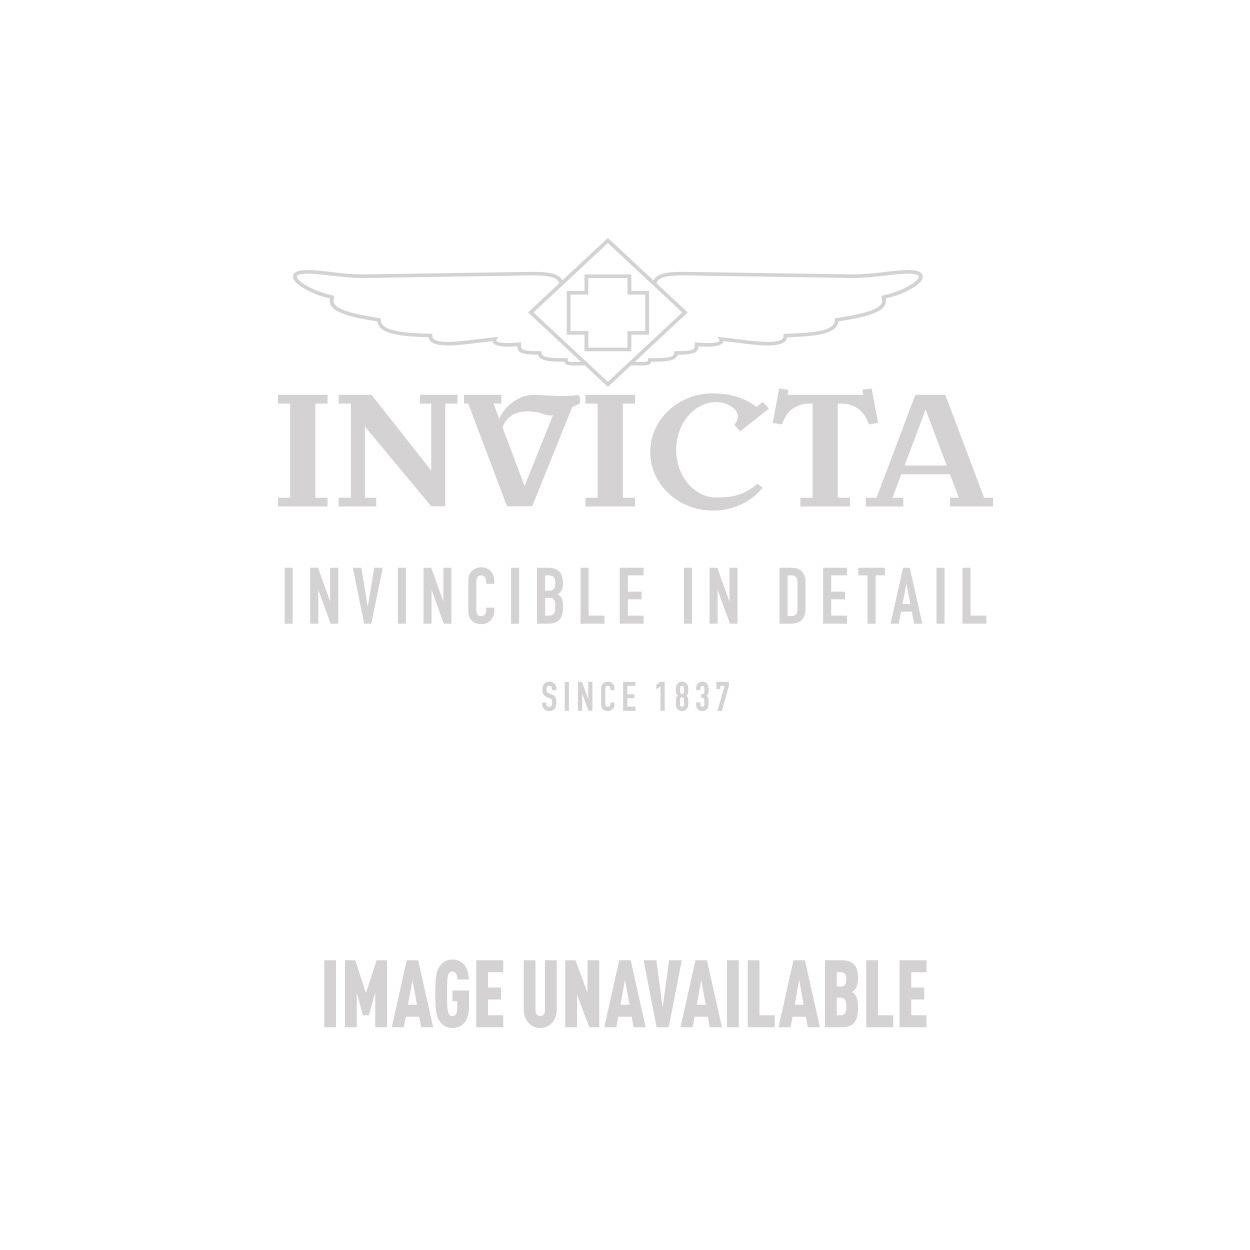 Invicta Model 29929